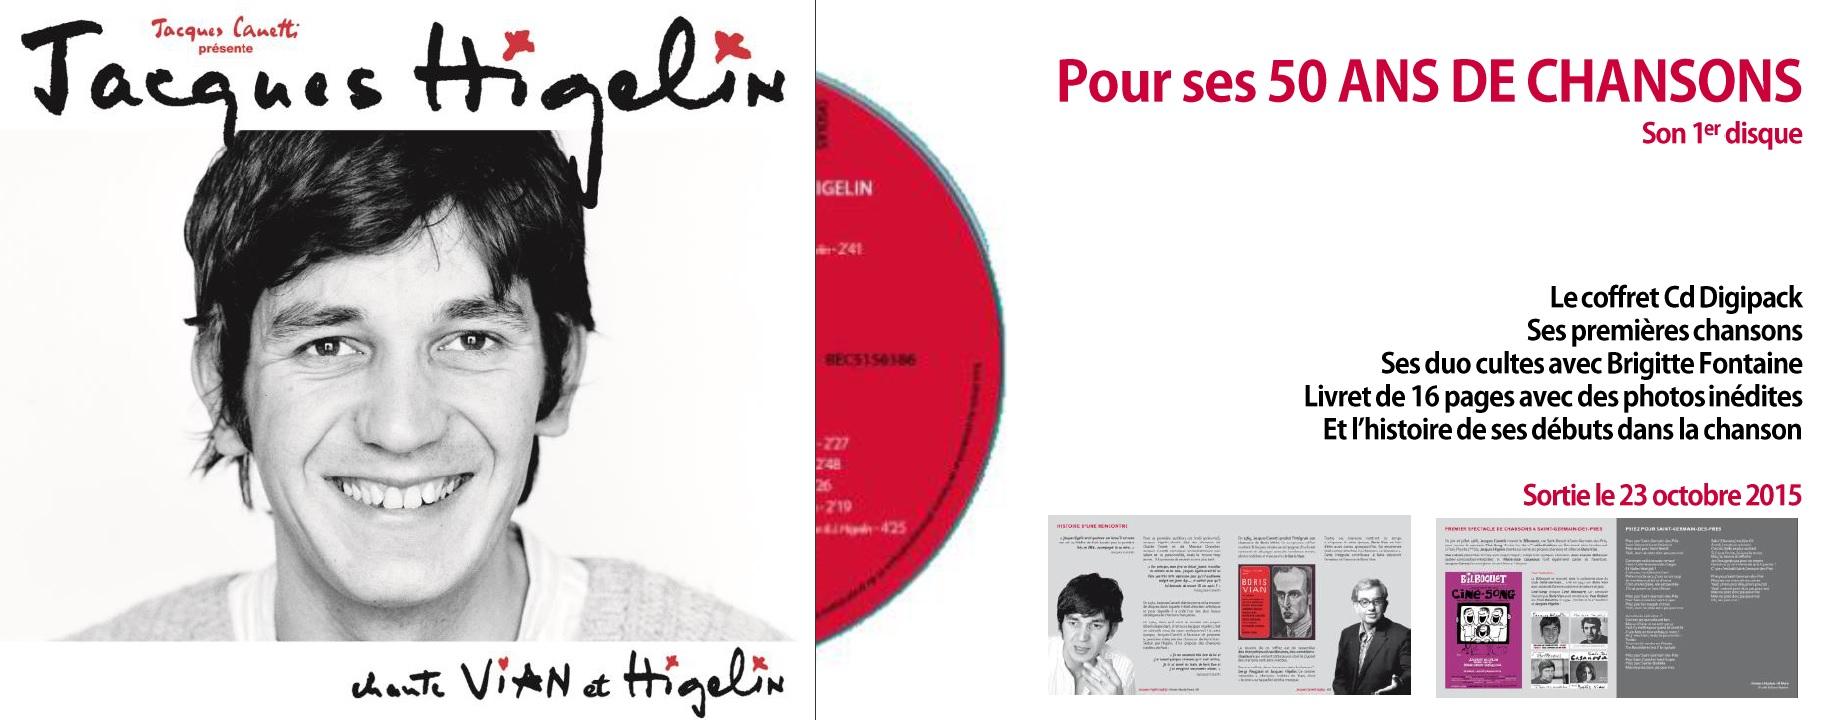 HIGELIN-CD-2015